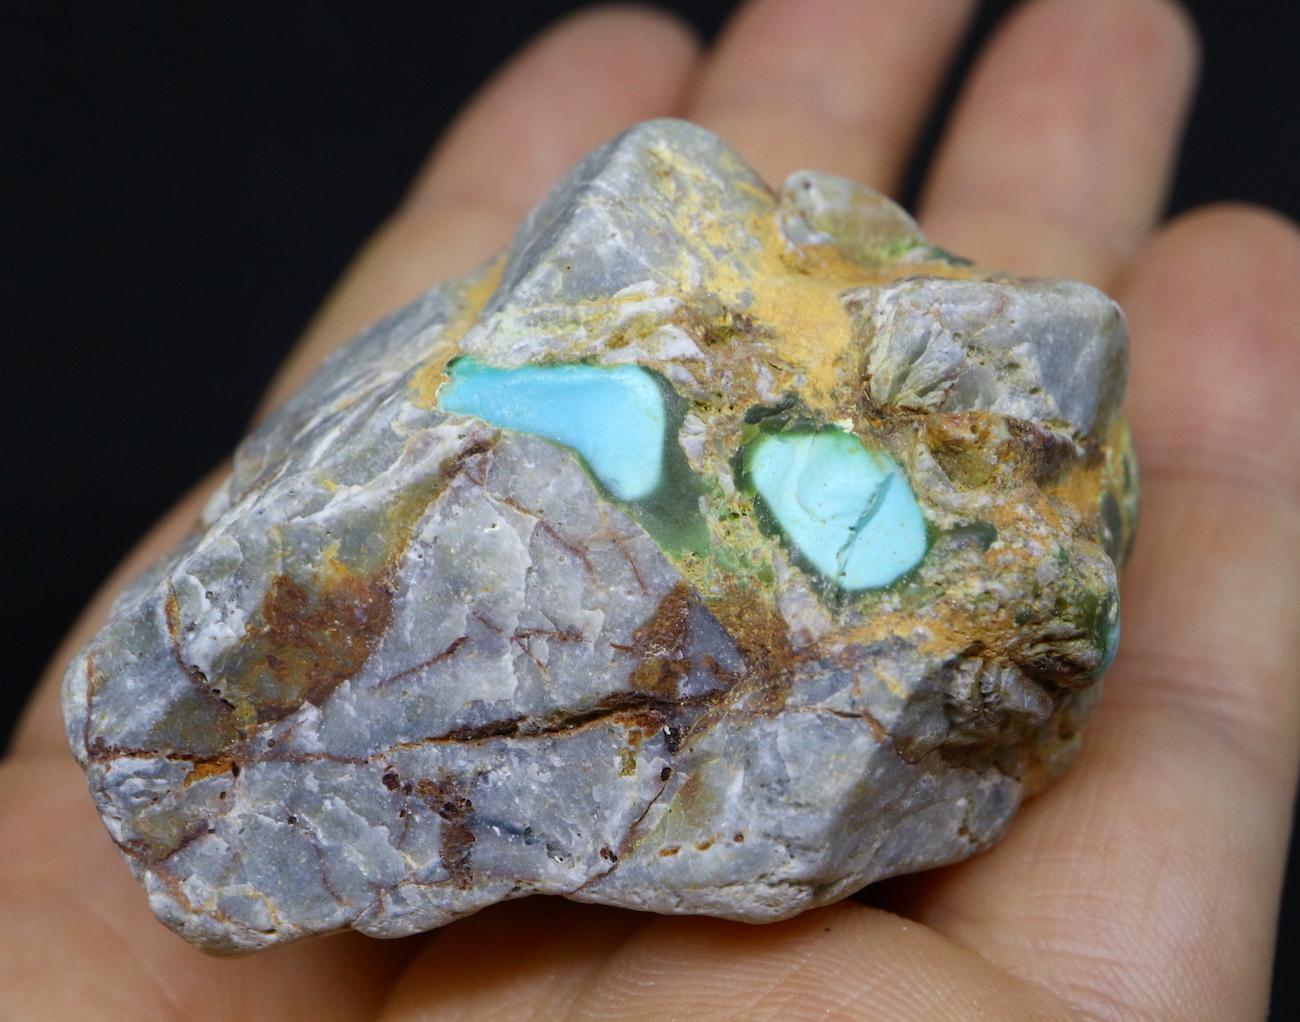 ロイストン ターコイズ Turquoise トルコ石 ネバタ州産 原石 71,1g TQ140 鉱物 天然石 パワーストーン